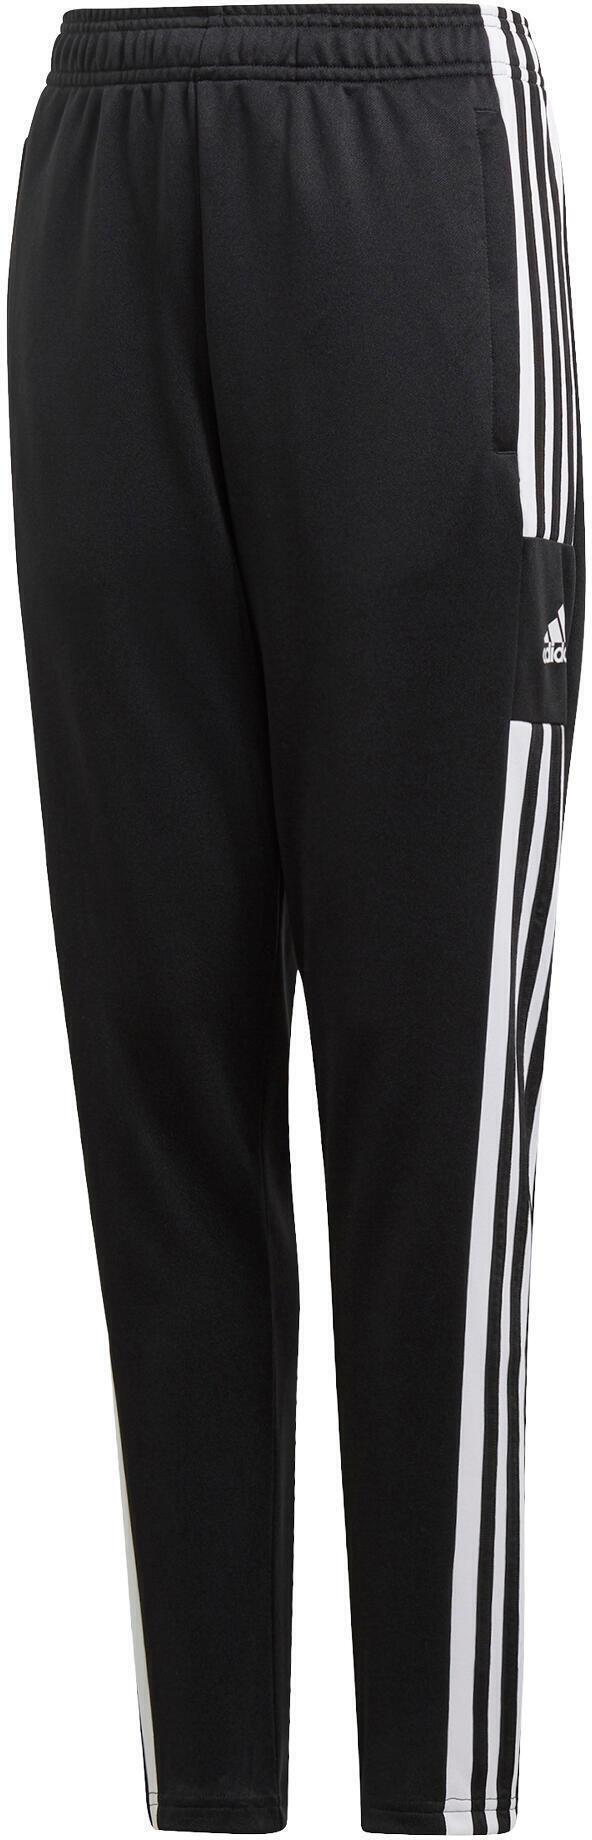 Spodnie piłkarskie dresowe dla dzieci Adidas Squadra 2021